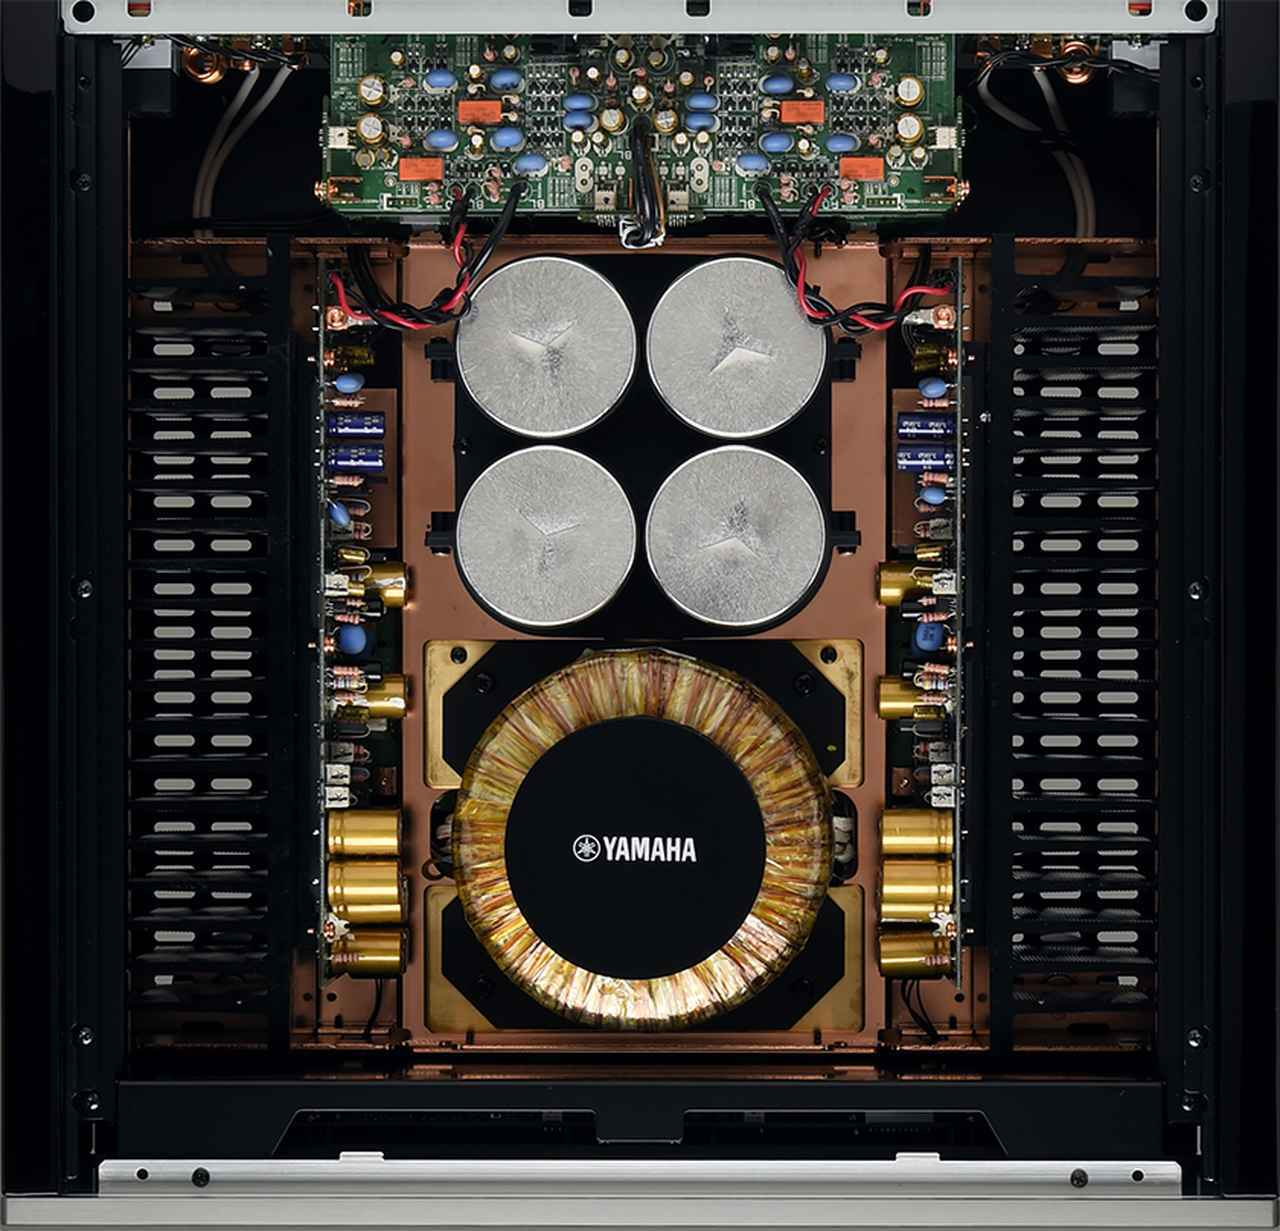 画像: ↑C-5000はフロント側に左右チャンネル別の大容量トロイダル電源トランス(各25VA)を用意。トランスとシャーシの間には3mm厚の真鍮ベースを挟み込む音質チューニングも施されている。ふたつのトランスの間にはこちらもチャンネル別の電源整流回路(上下2層)を搭載し、リア側の各チャンネル基板へと最短距離・左右等長での給電を実現している